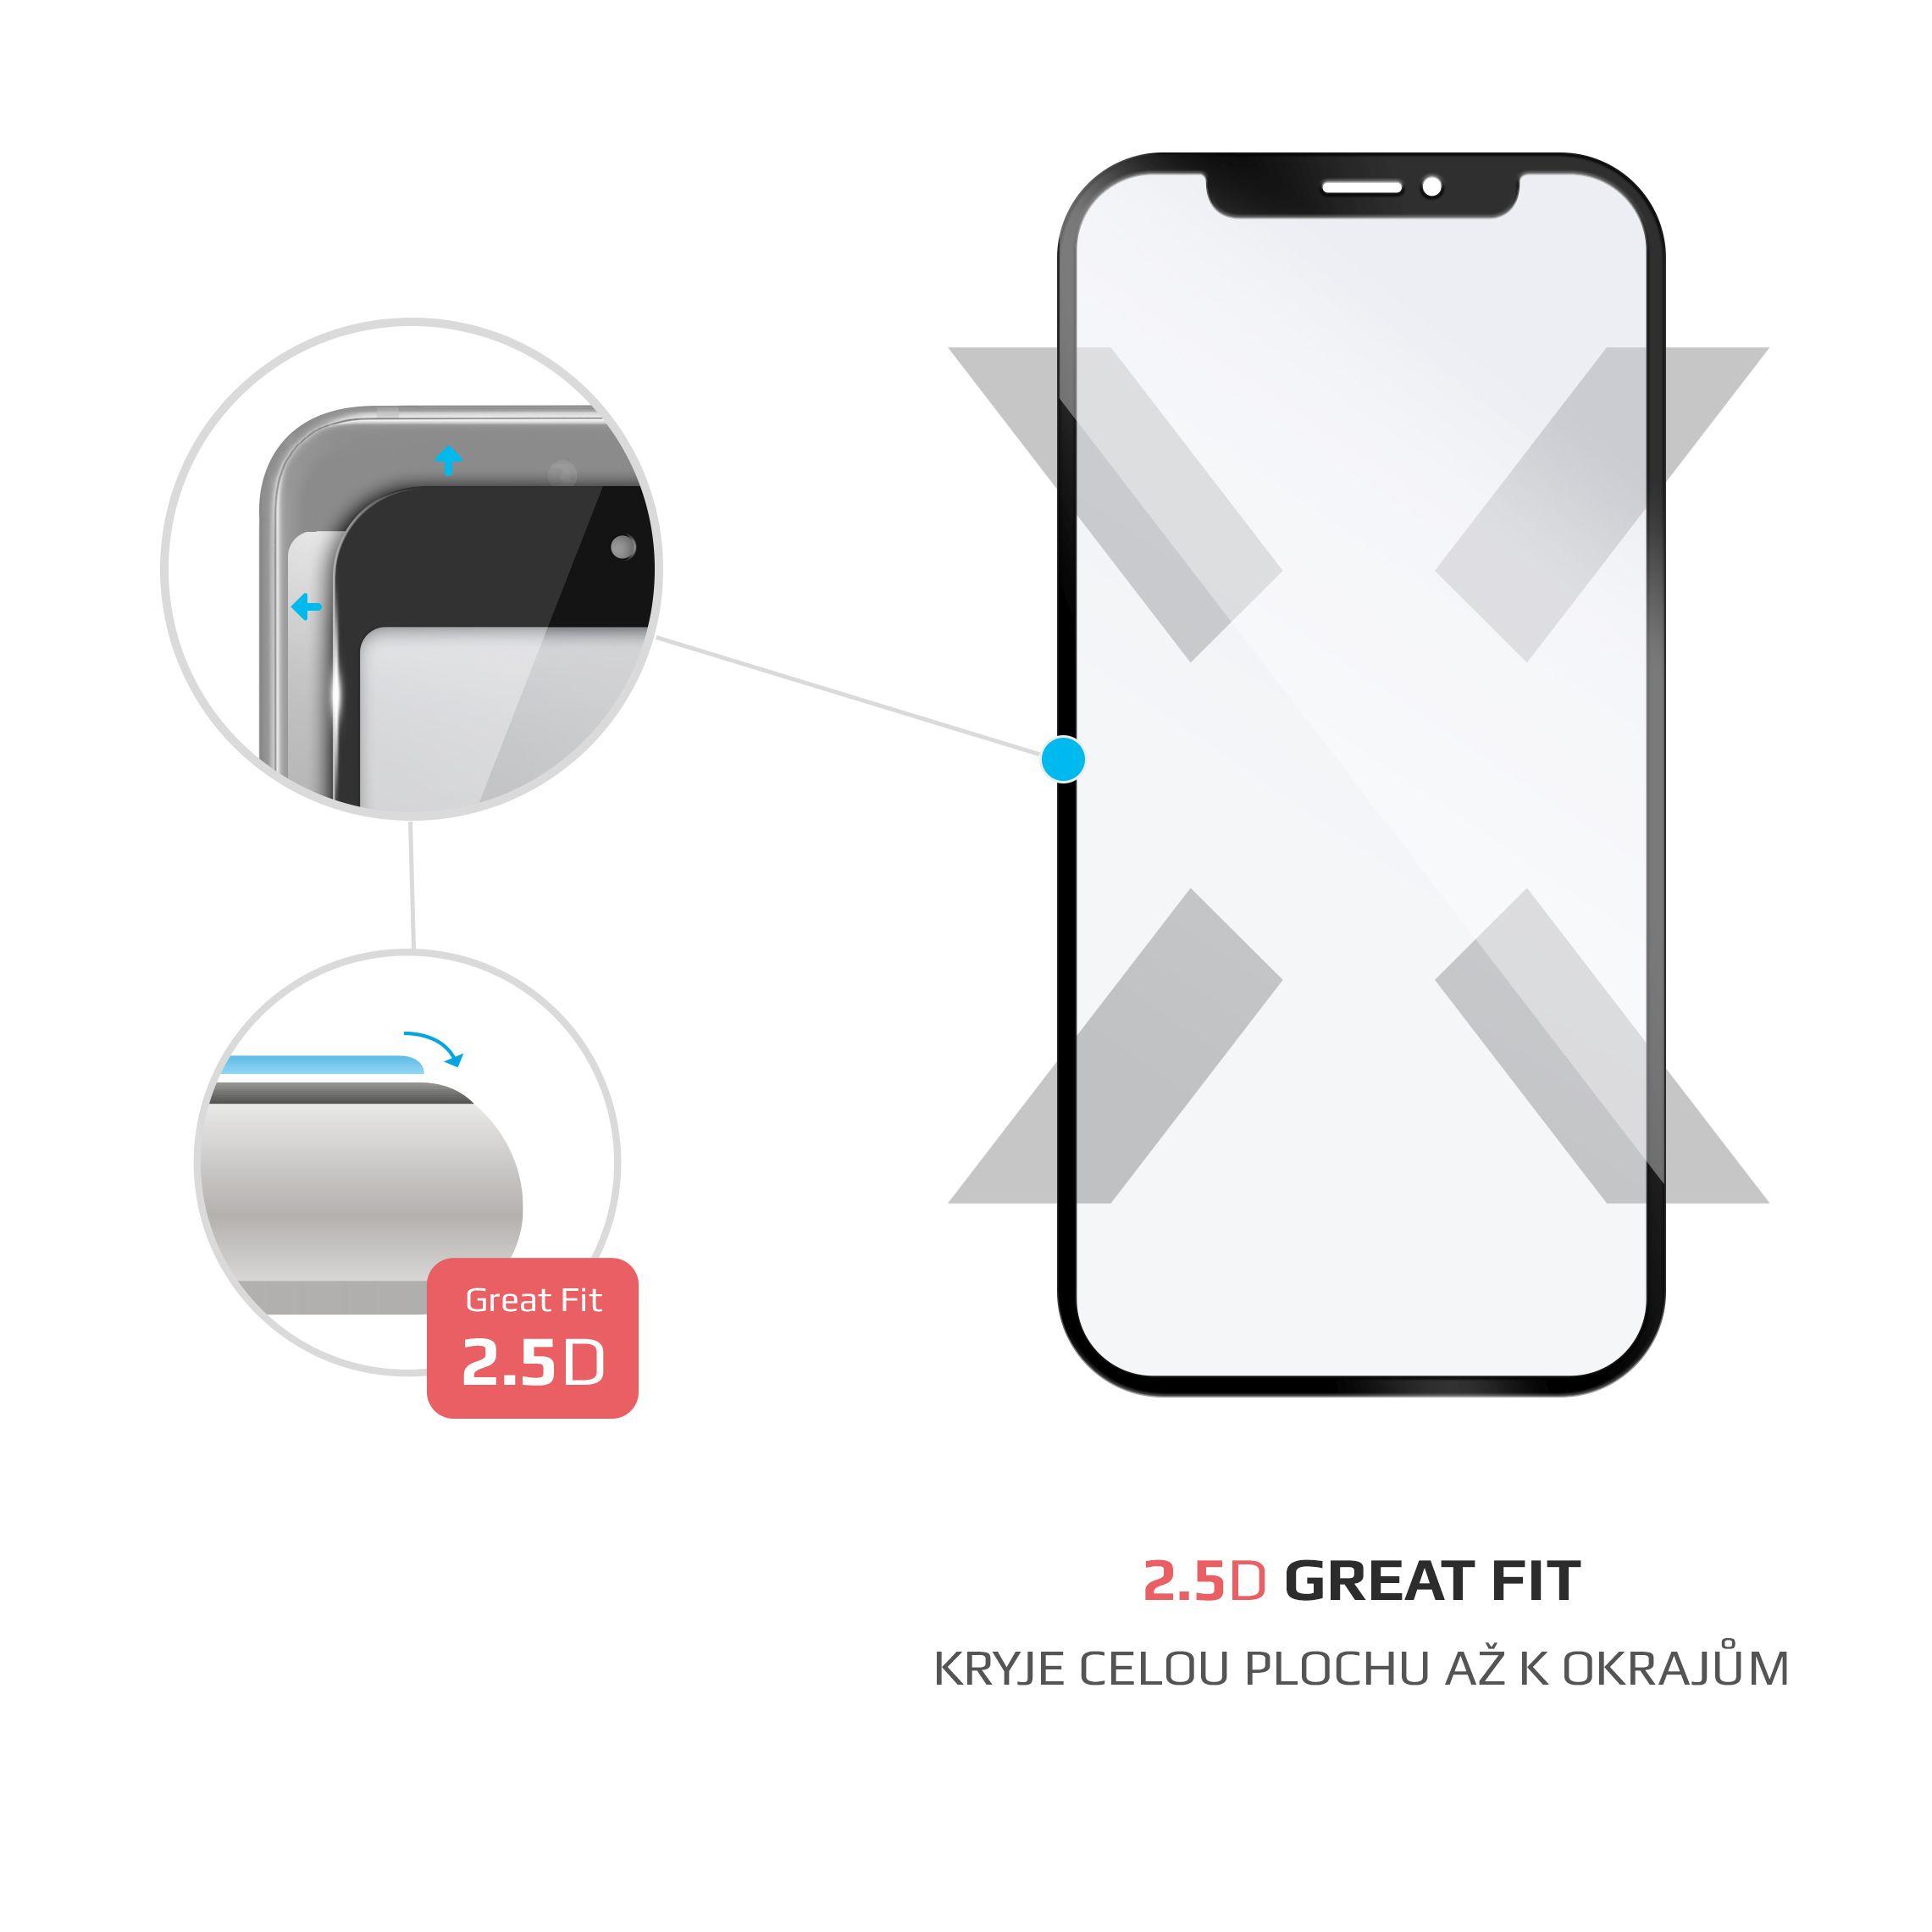 Ochranné tvrzené sklo FIXED Full-Cover pro Xiaomi Mi Mix 2, přes celý displej, černé, 0.33 mm